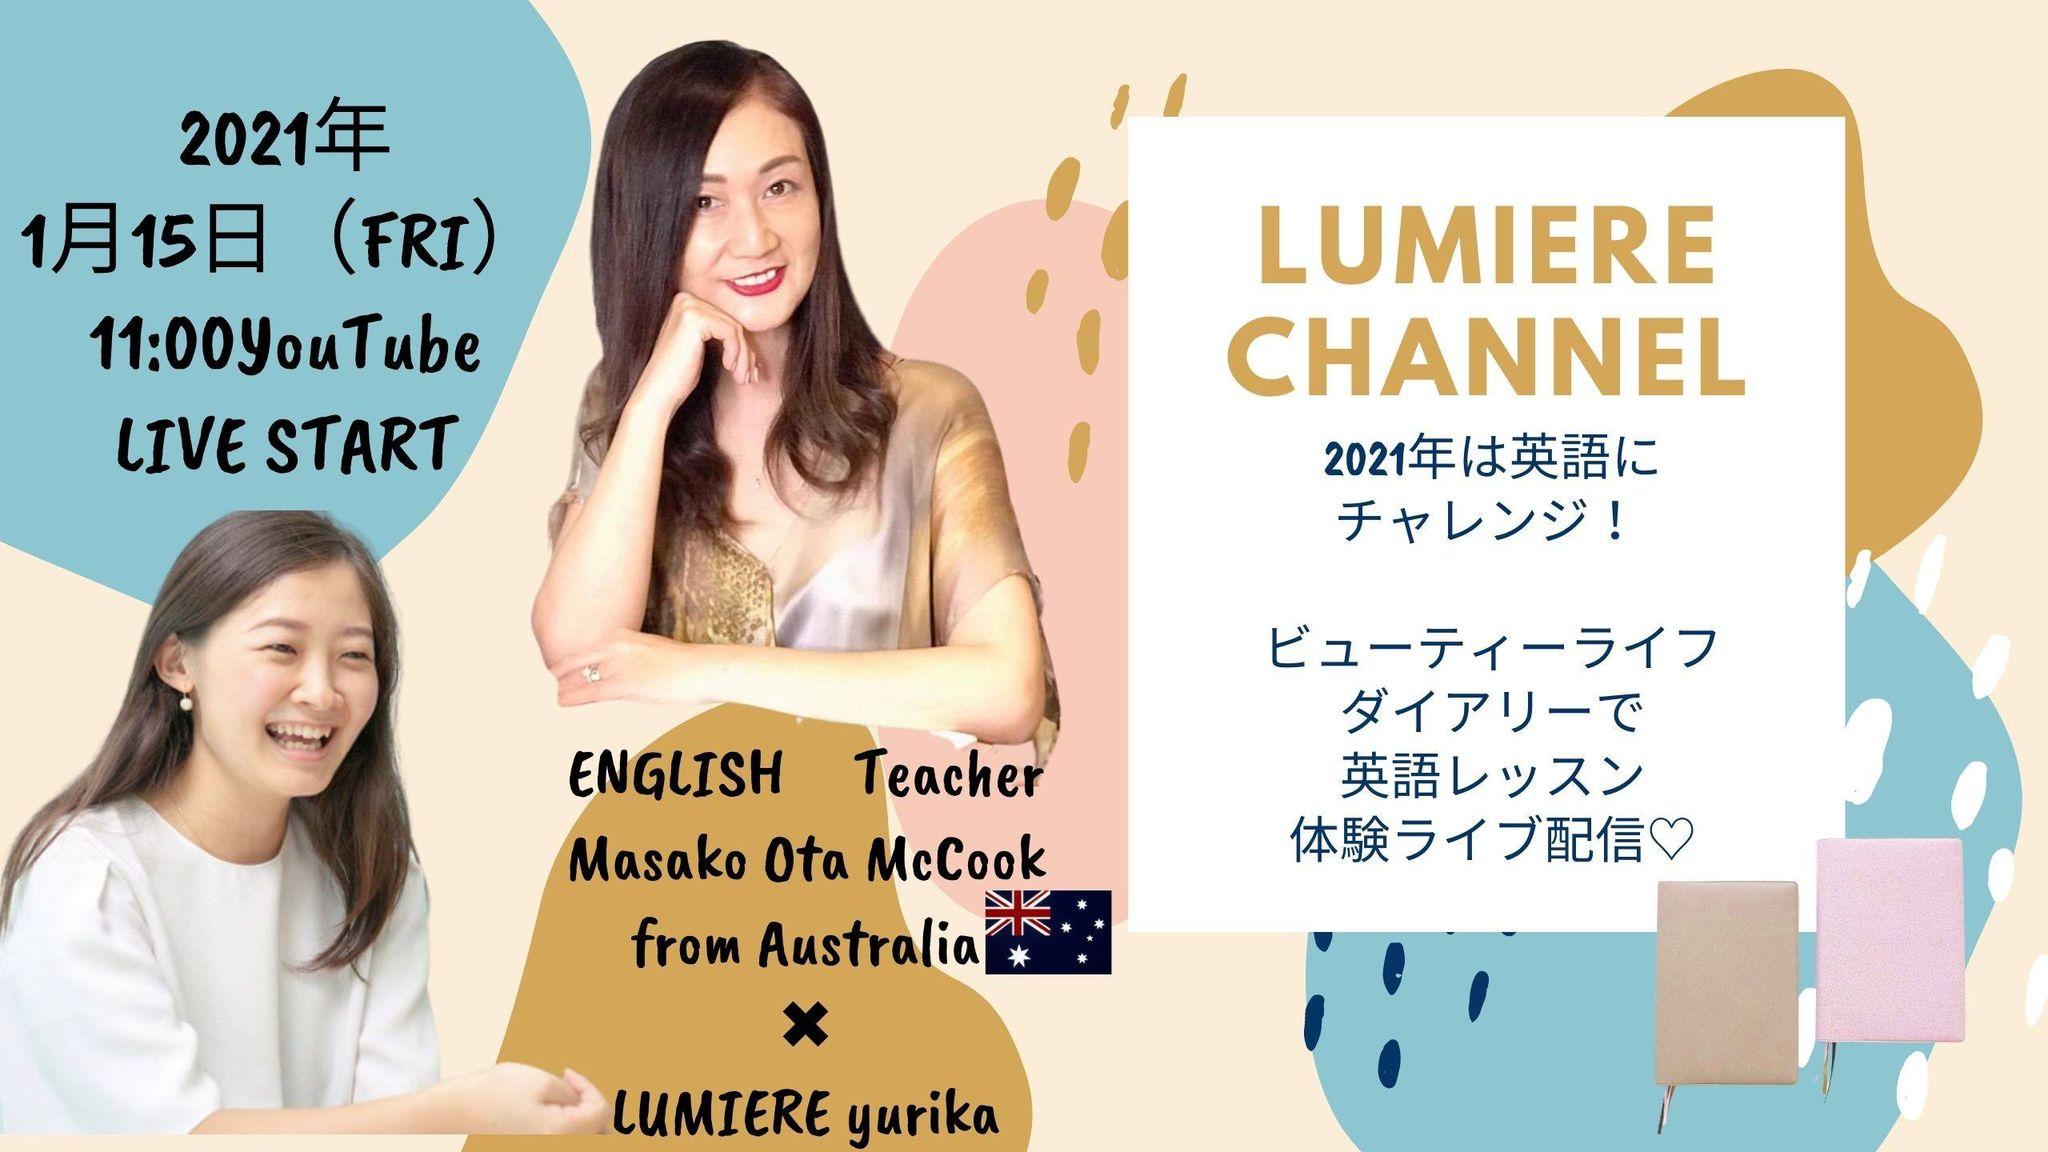 【YouTubeライブ配信】英語版ダイアリーを使って英語レッスン!Lチャンネル